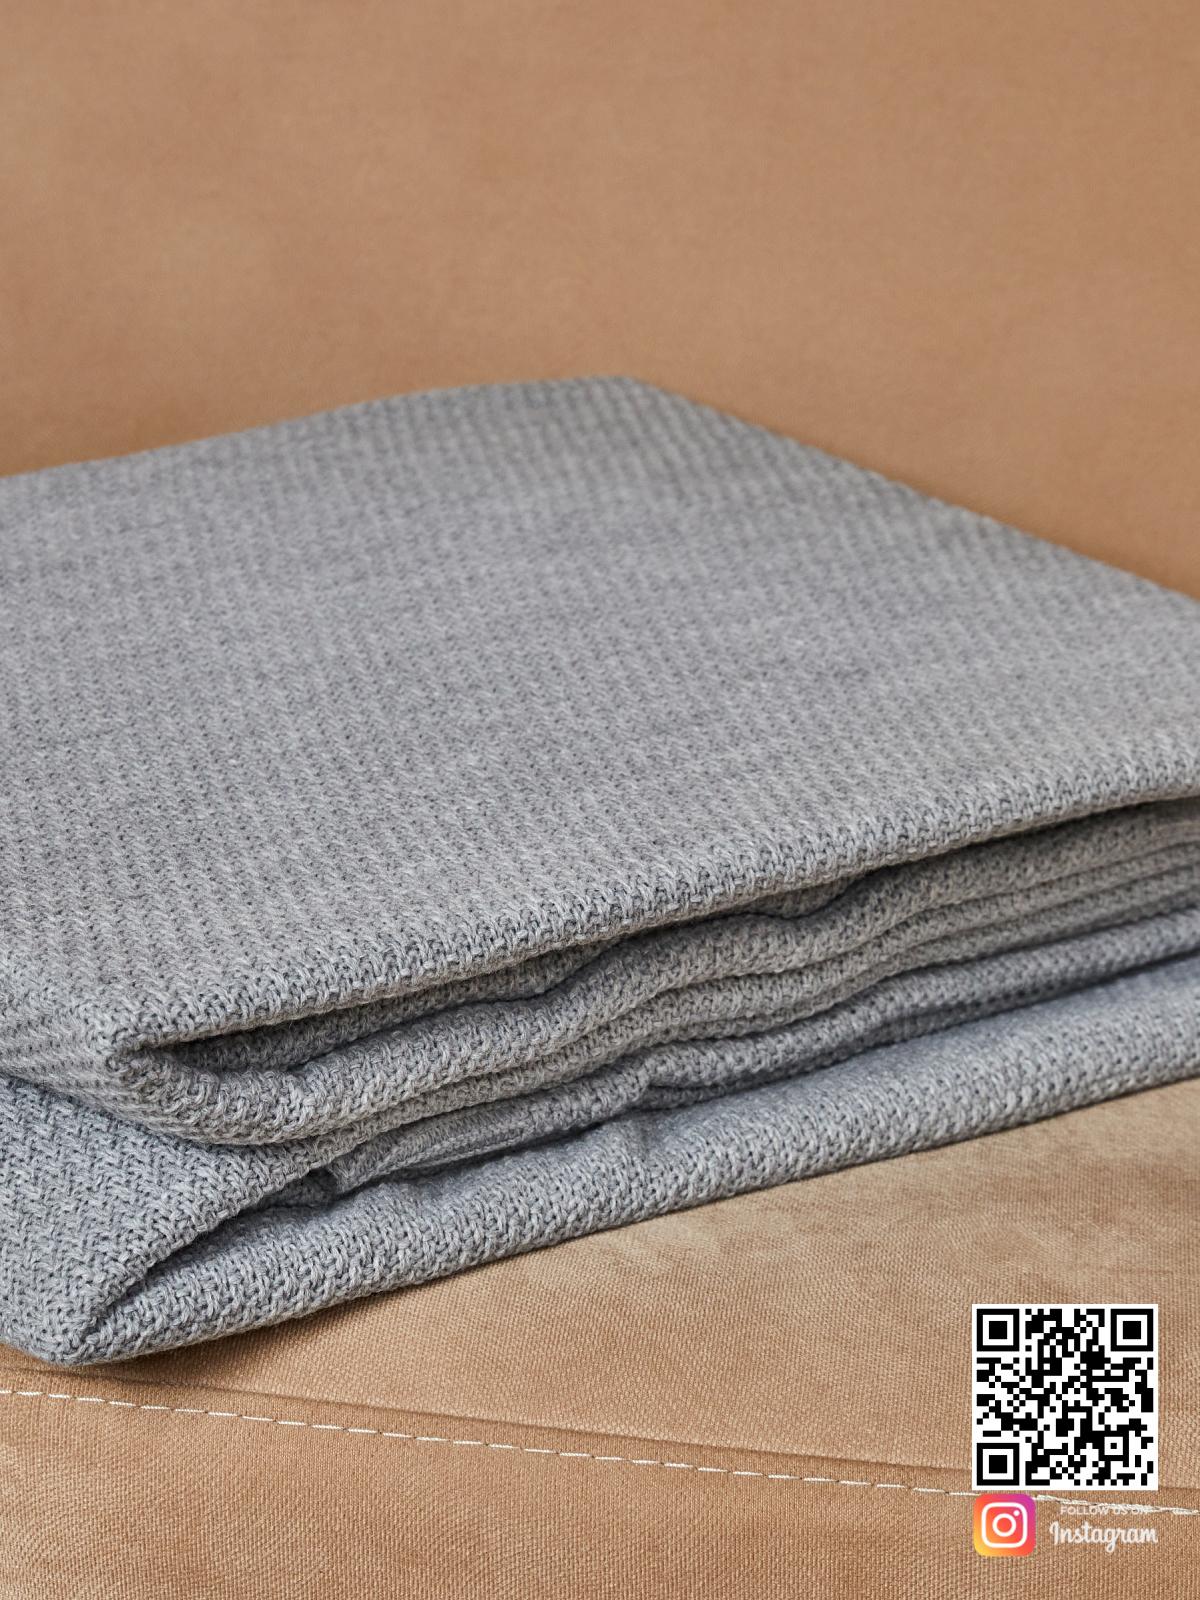 На четвертой фотографии шерстяное покрывало серого цвета в интернет-магазине Shapar, бренда трикотажа и связанной одежды ручной работы.